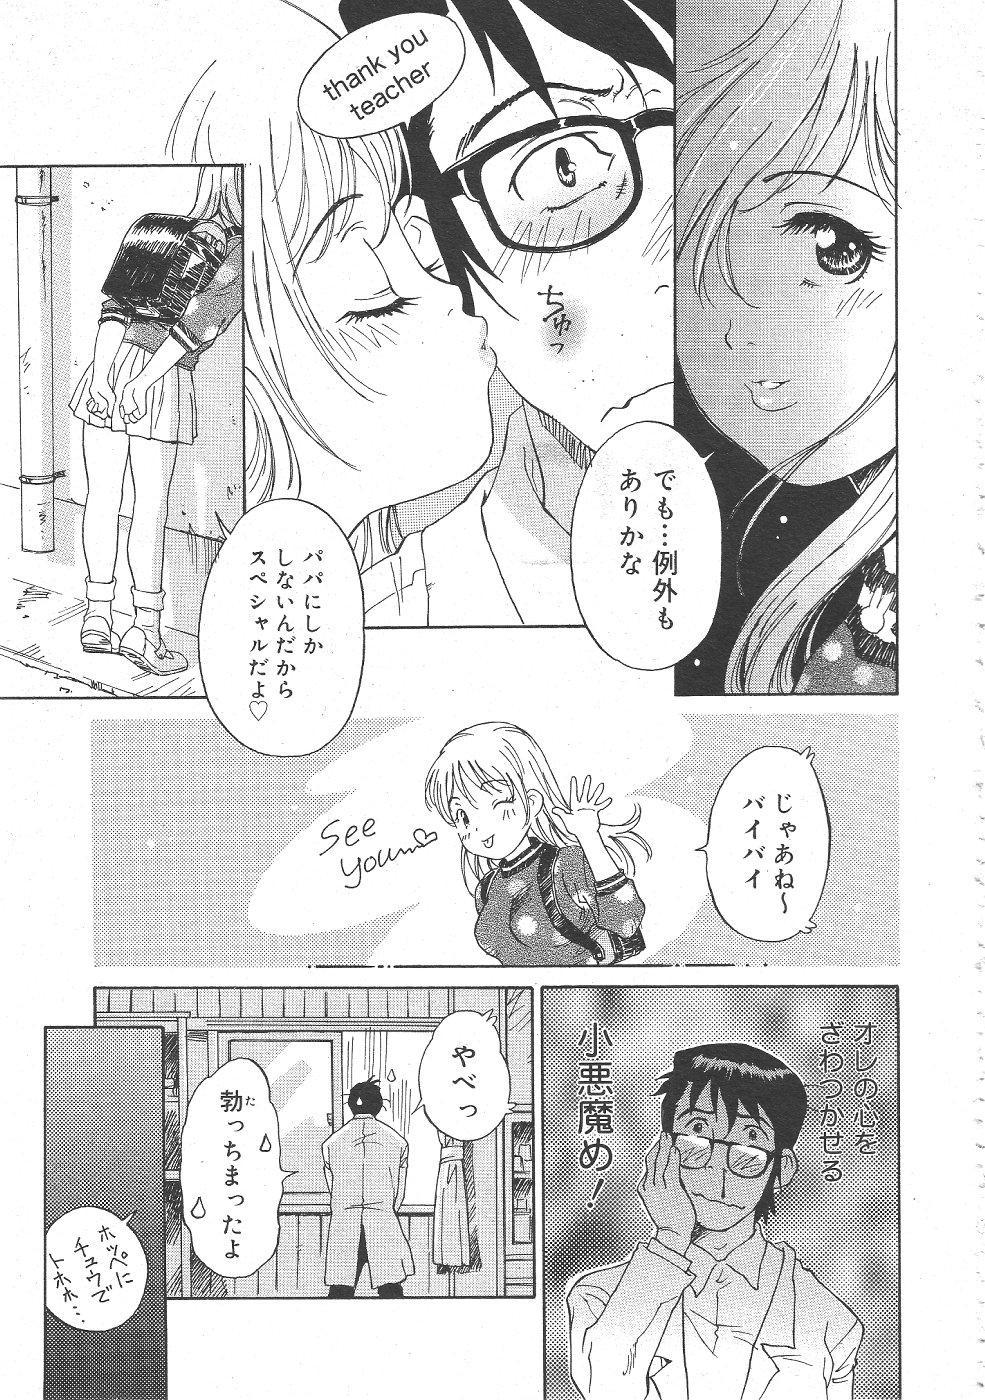 Gekkan Comic Muga 2004-06 Vol.10 212